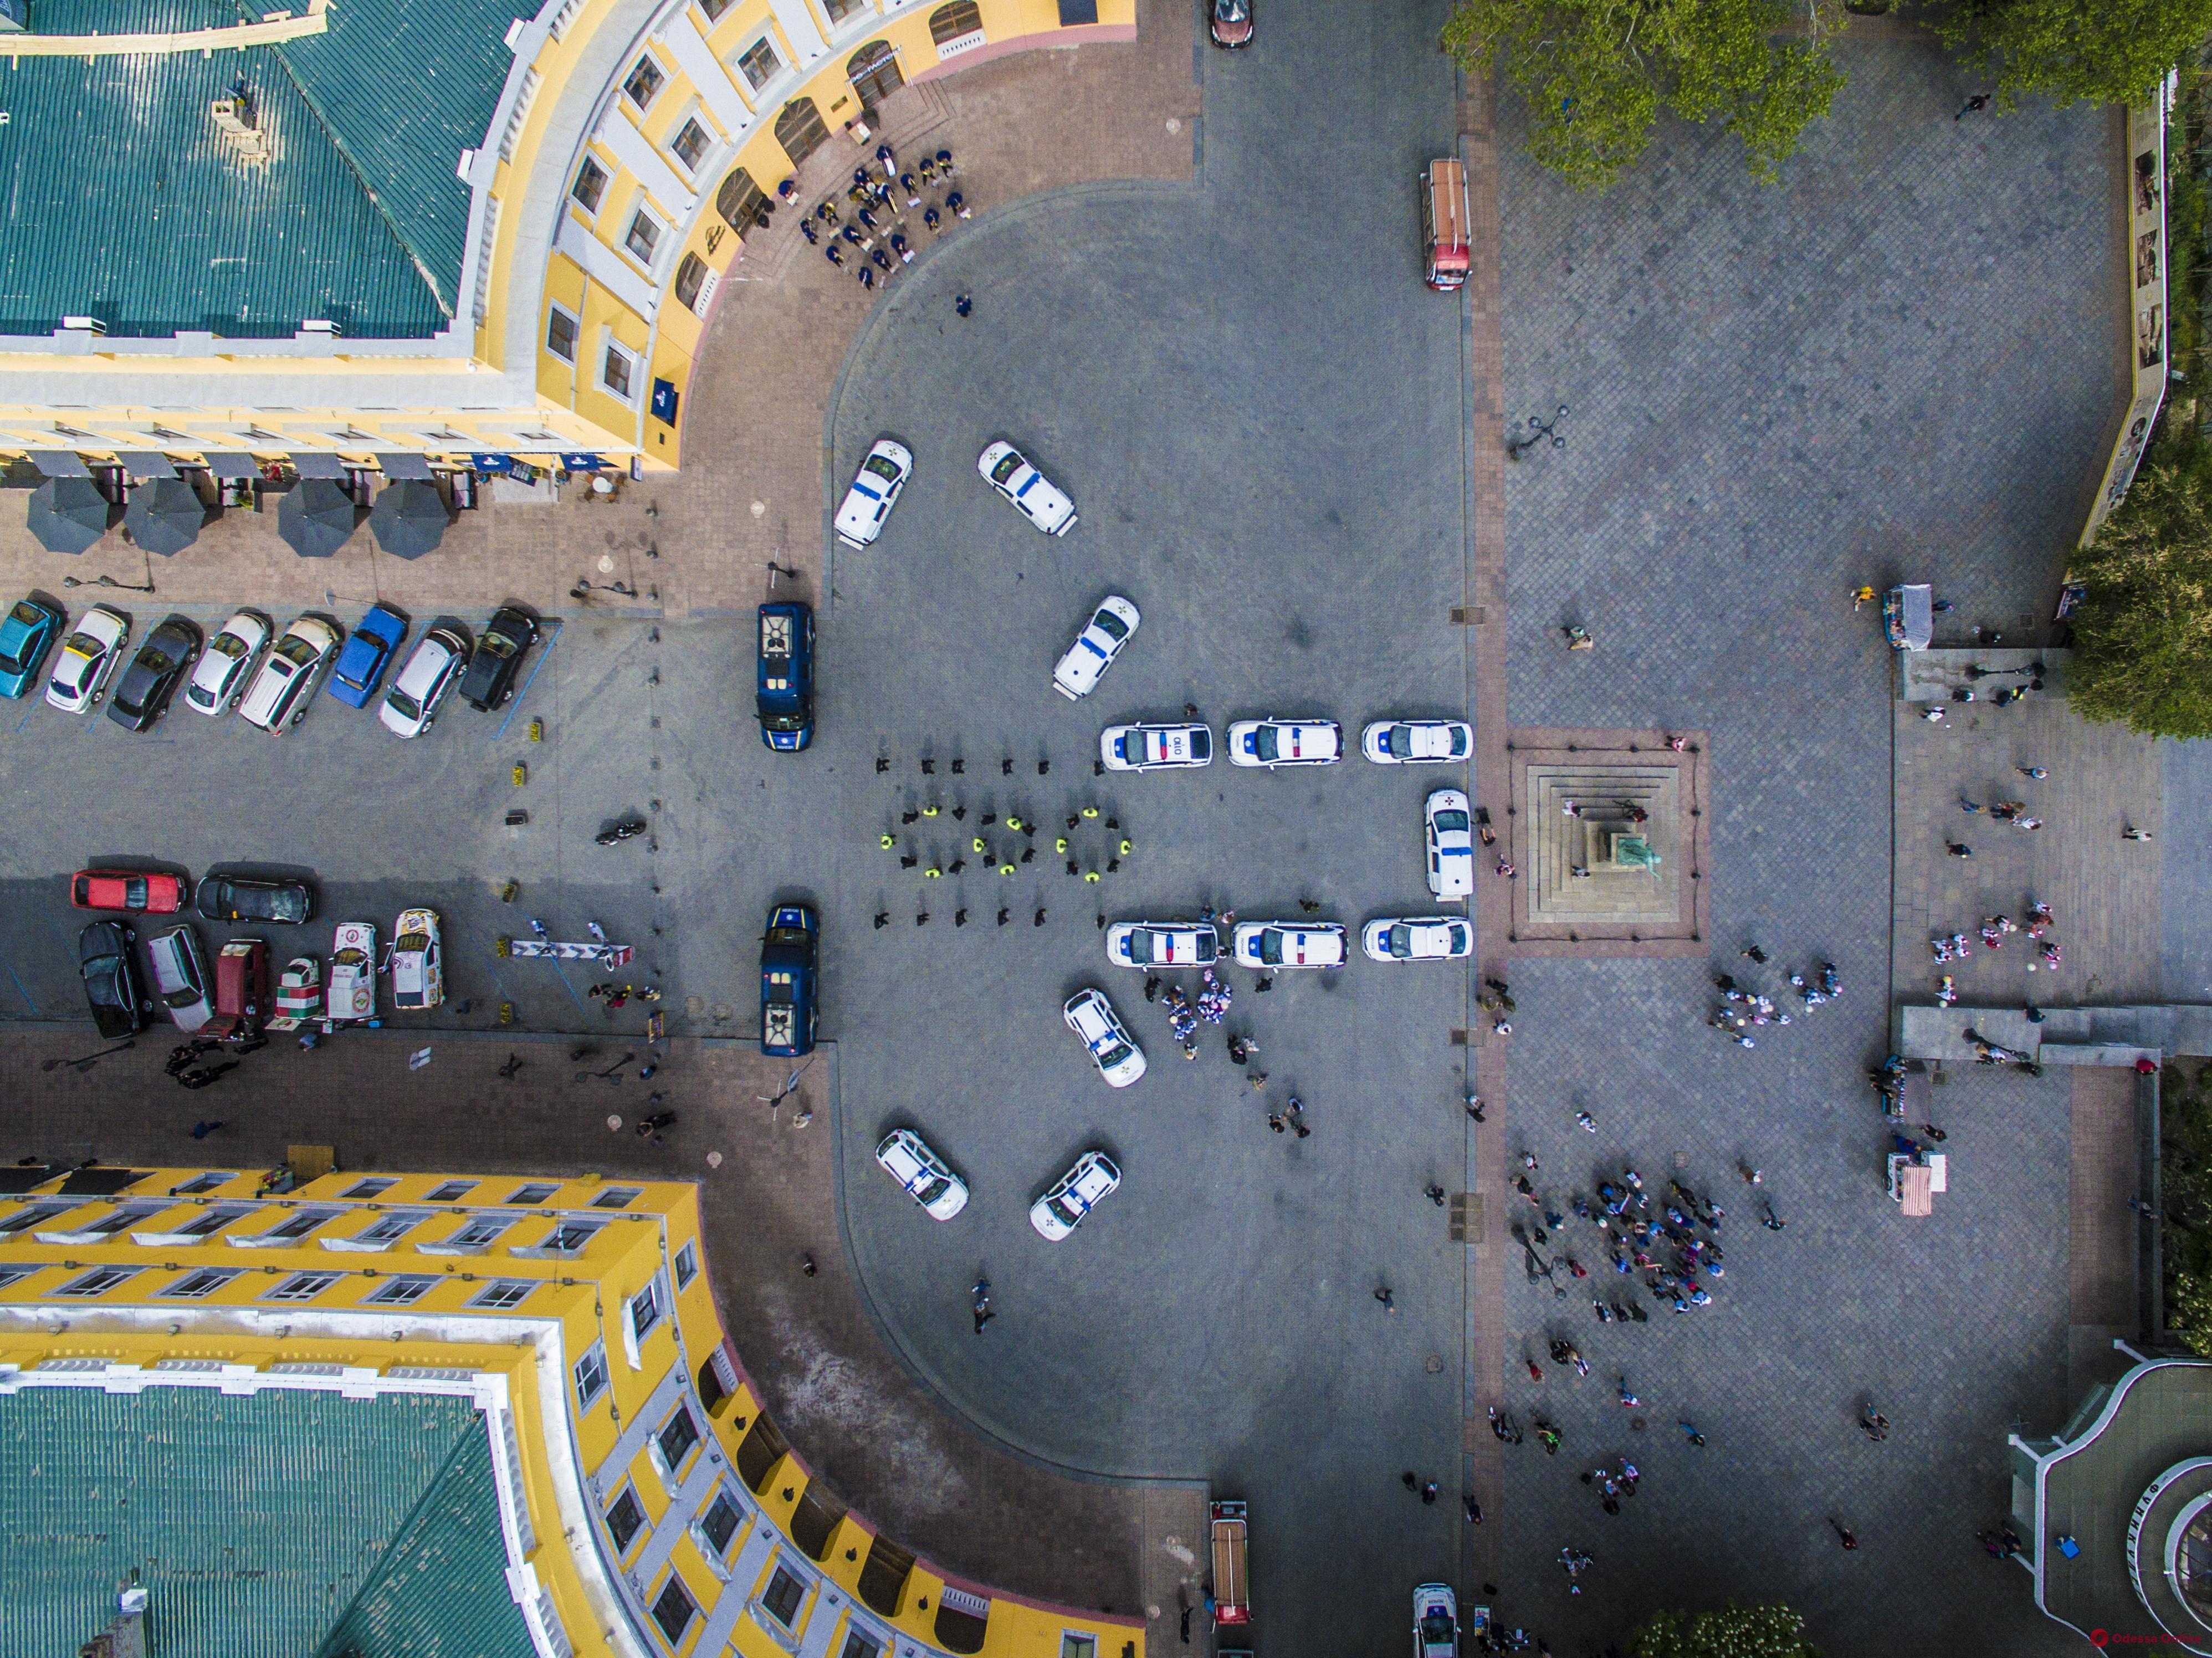 В День вышиванки одесские патрульные и нацгвардейцы устроили праздничный флешмоб (фото)